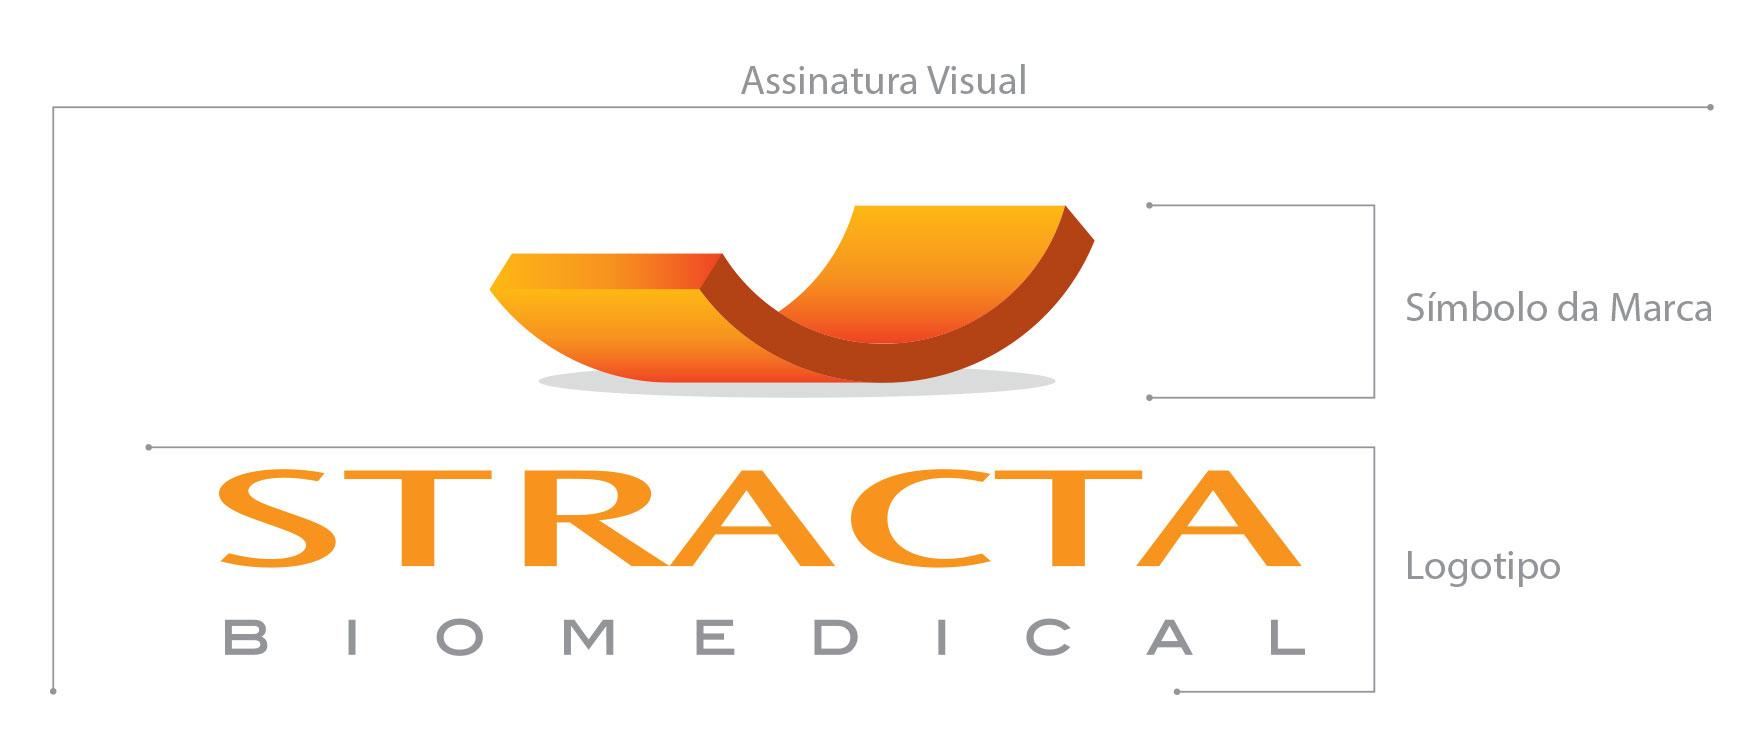 Criação Marca Stracta Logotipo Símbolo e Assinatura Visual